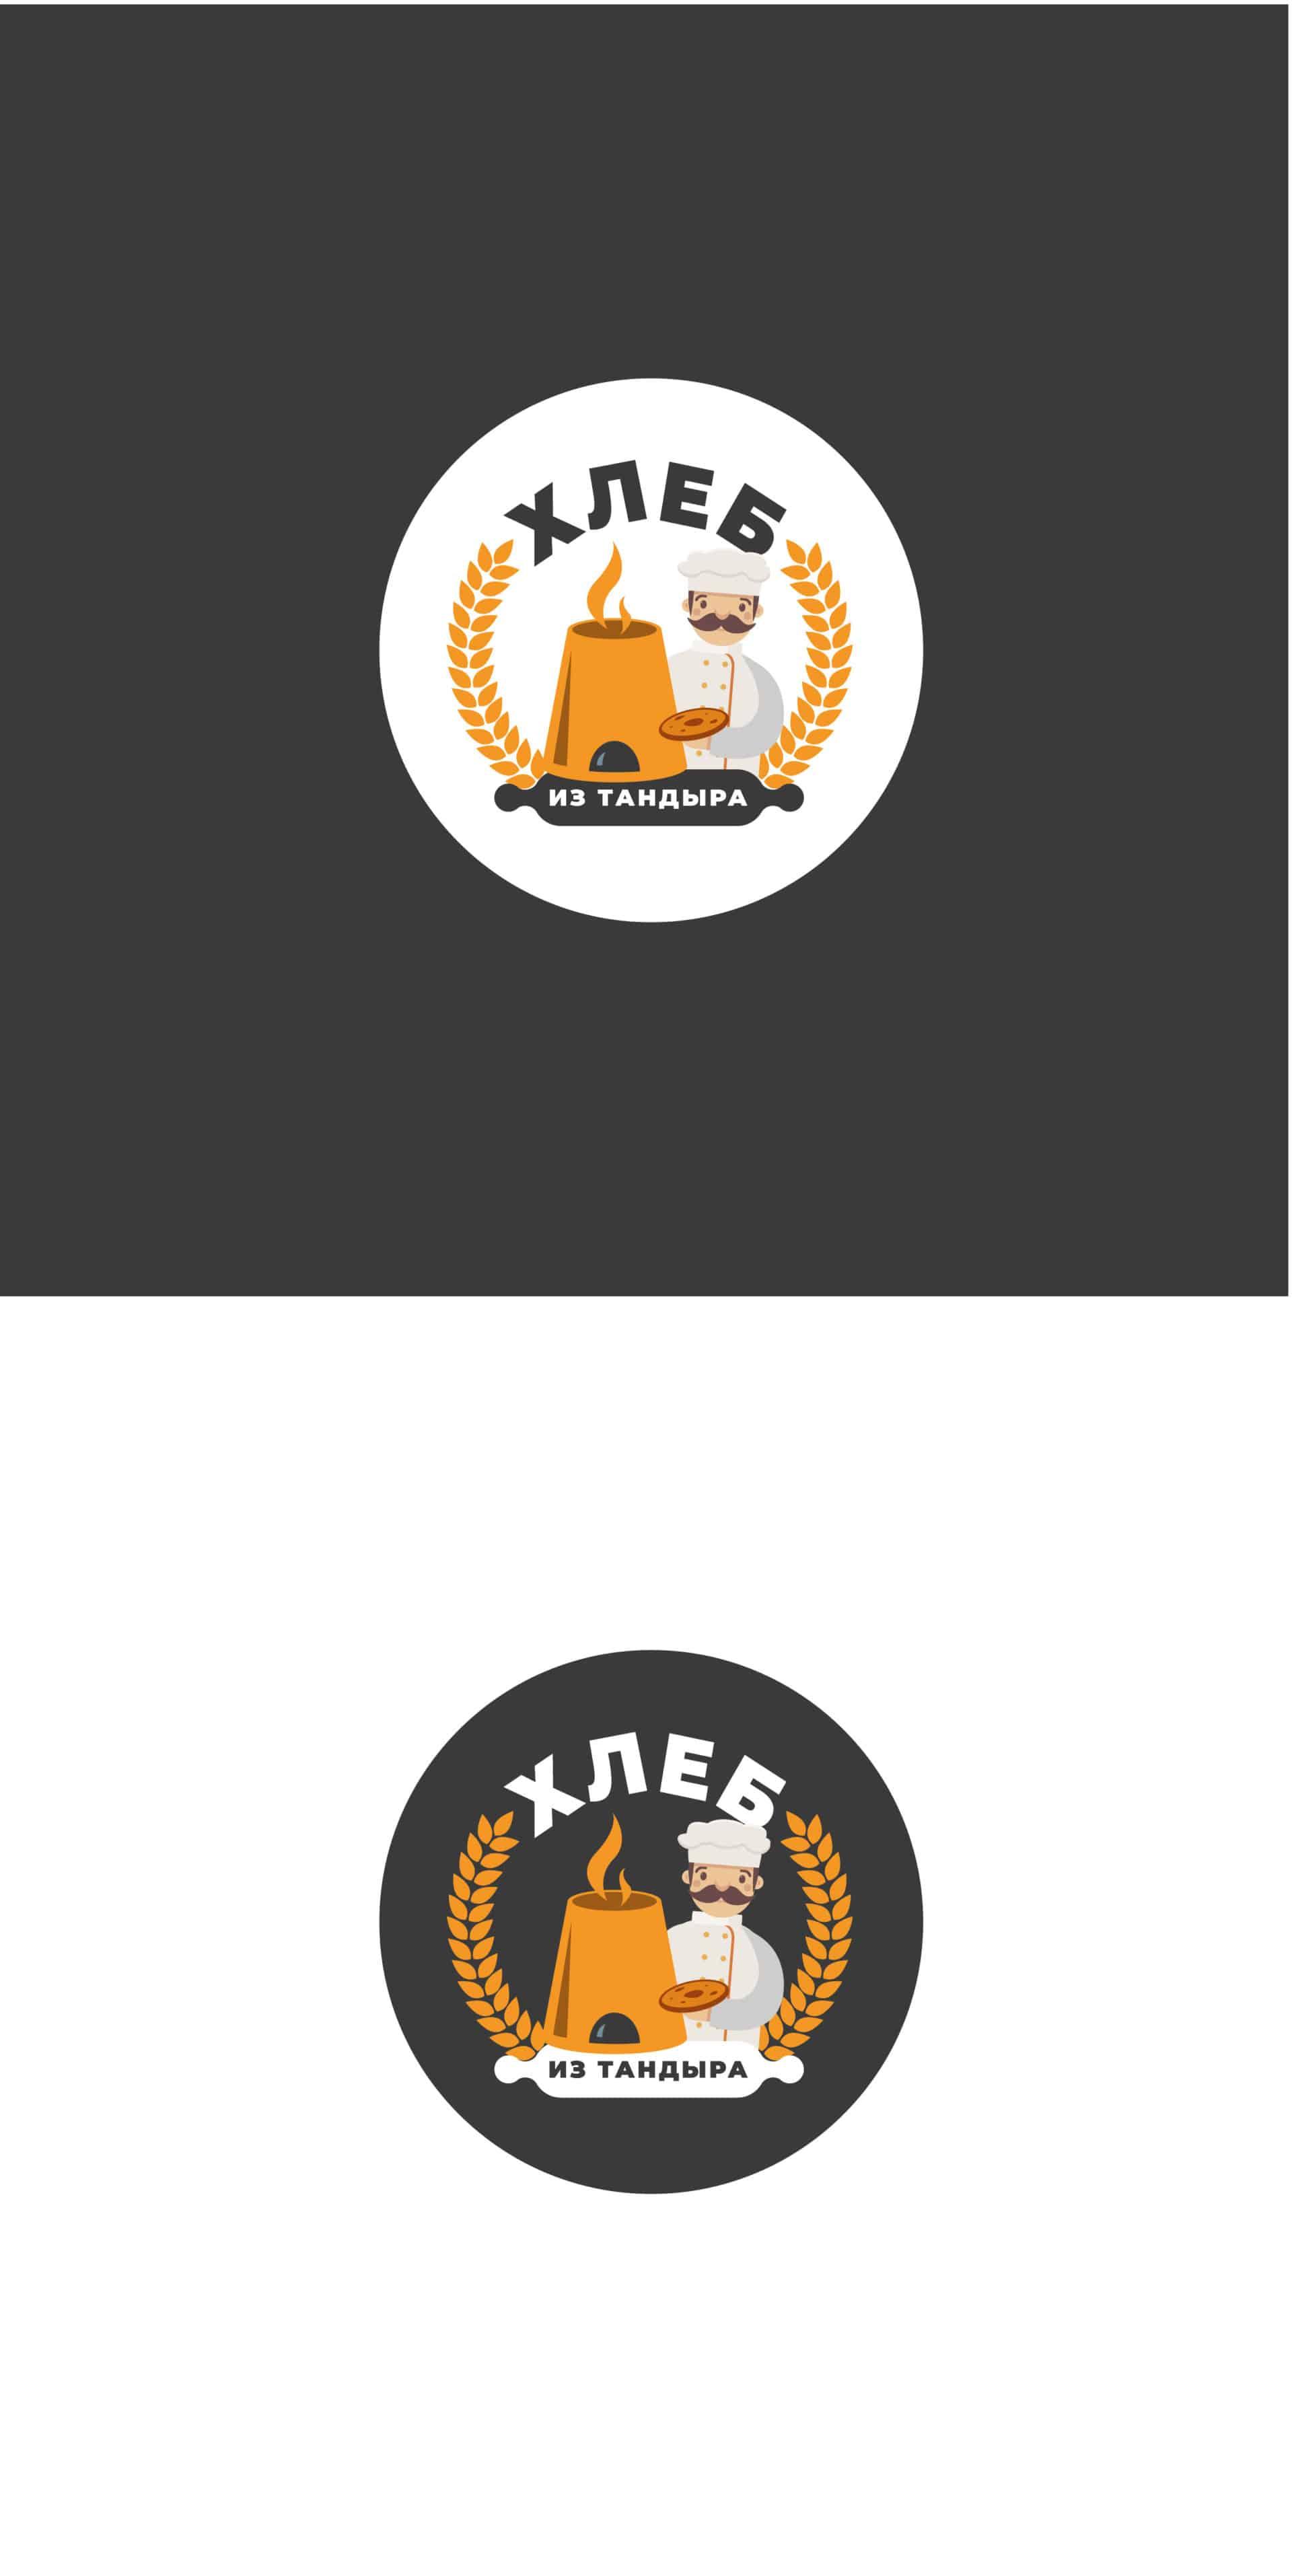 """Логотип для магазина """"Хлеб из тандыра"""" 1"""